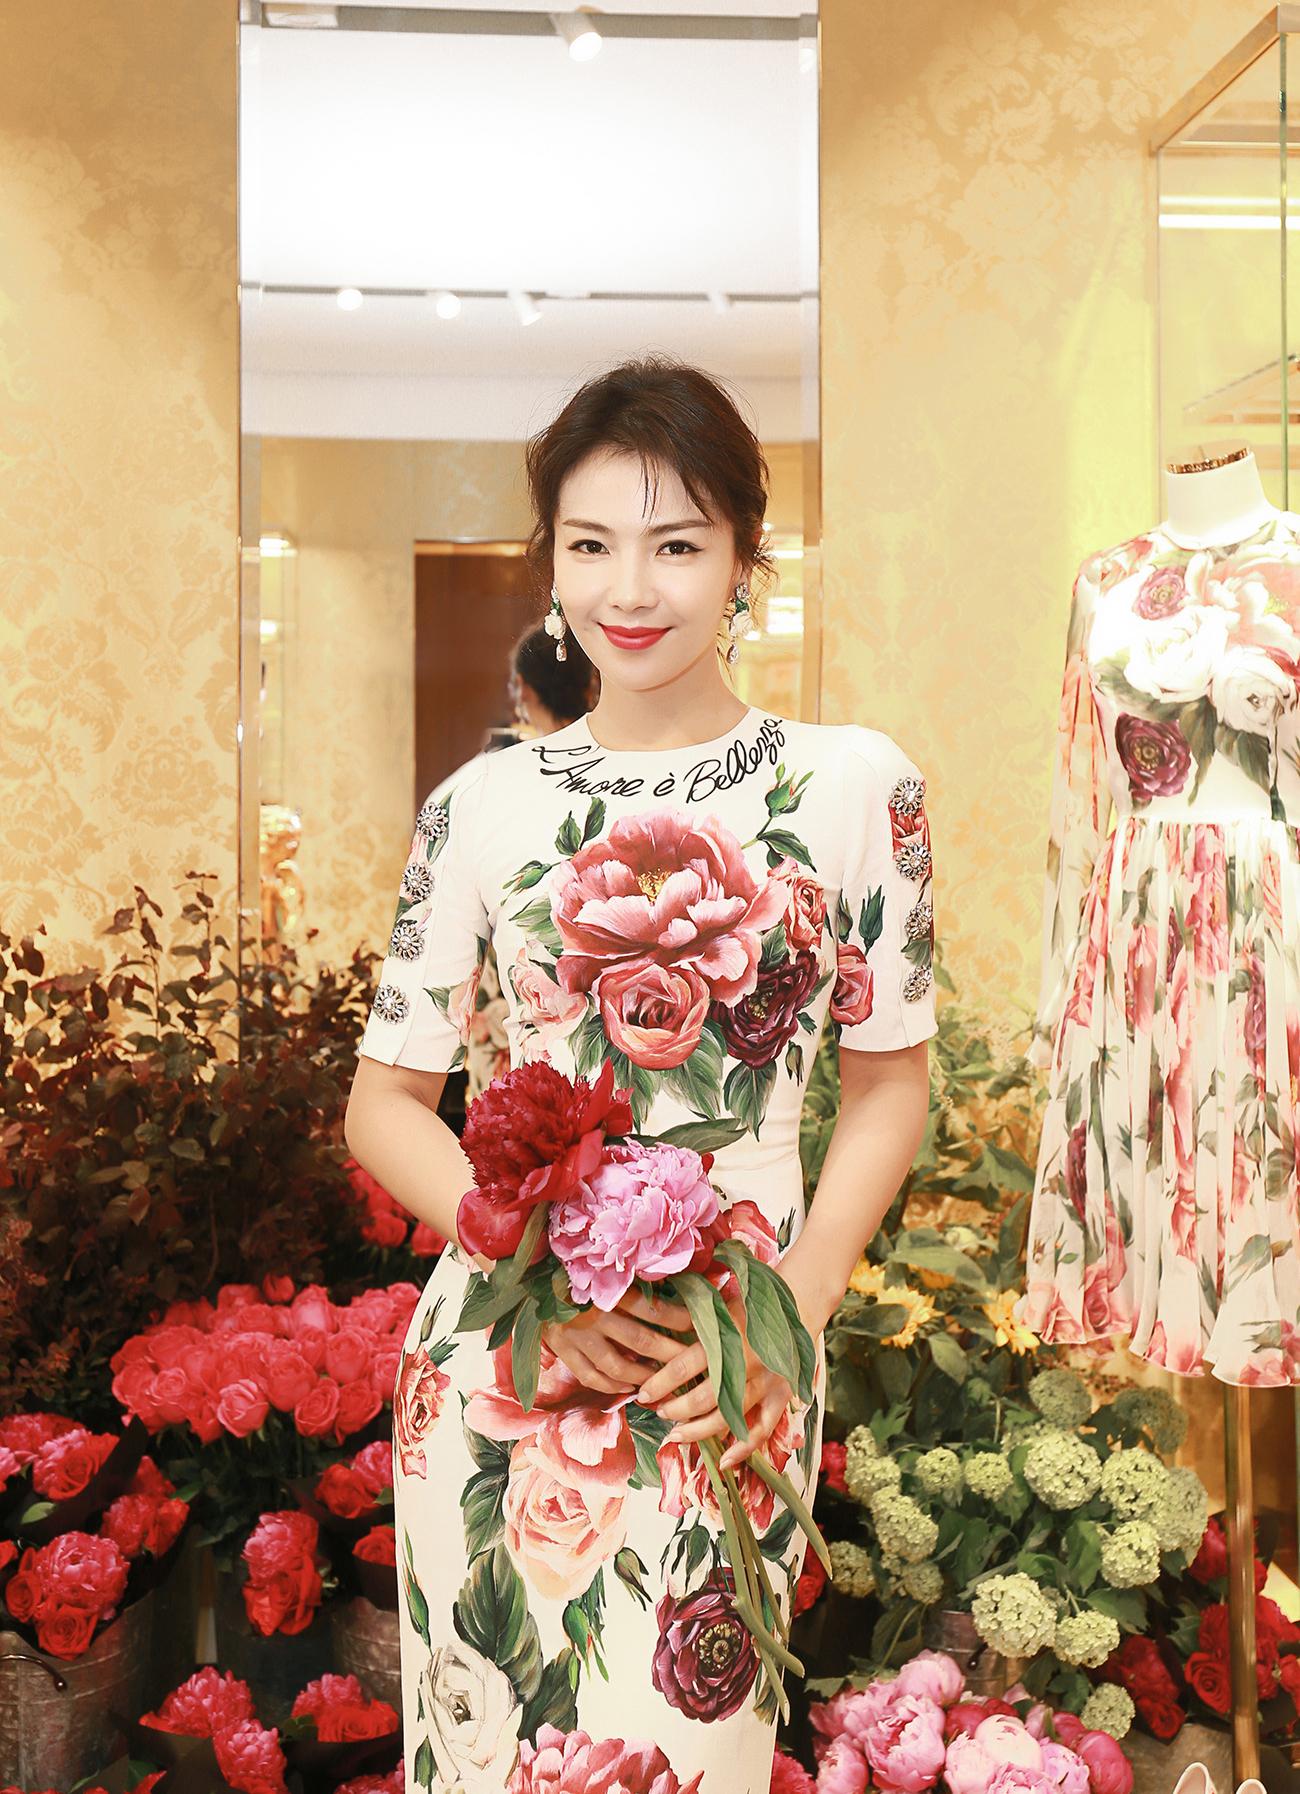 刘涛穿印花长裙现身活动,不曾想胸前的大朵印花比红唇还要抢镜